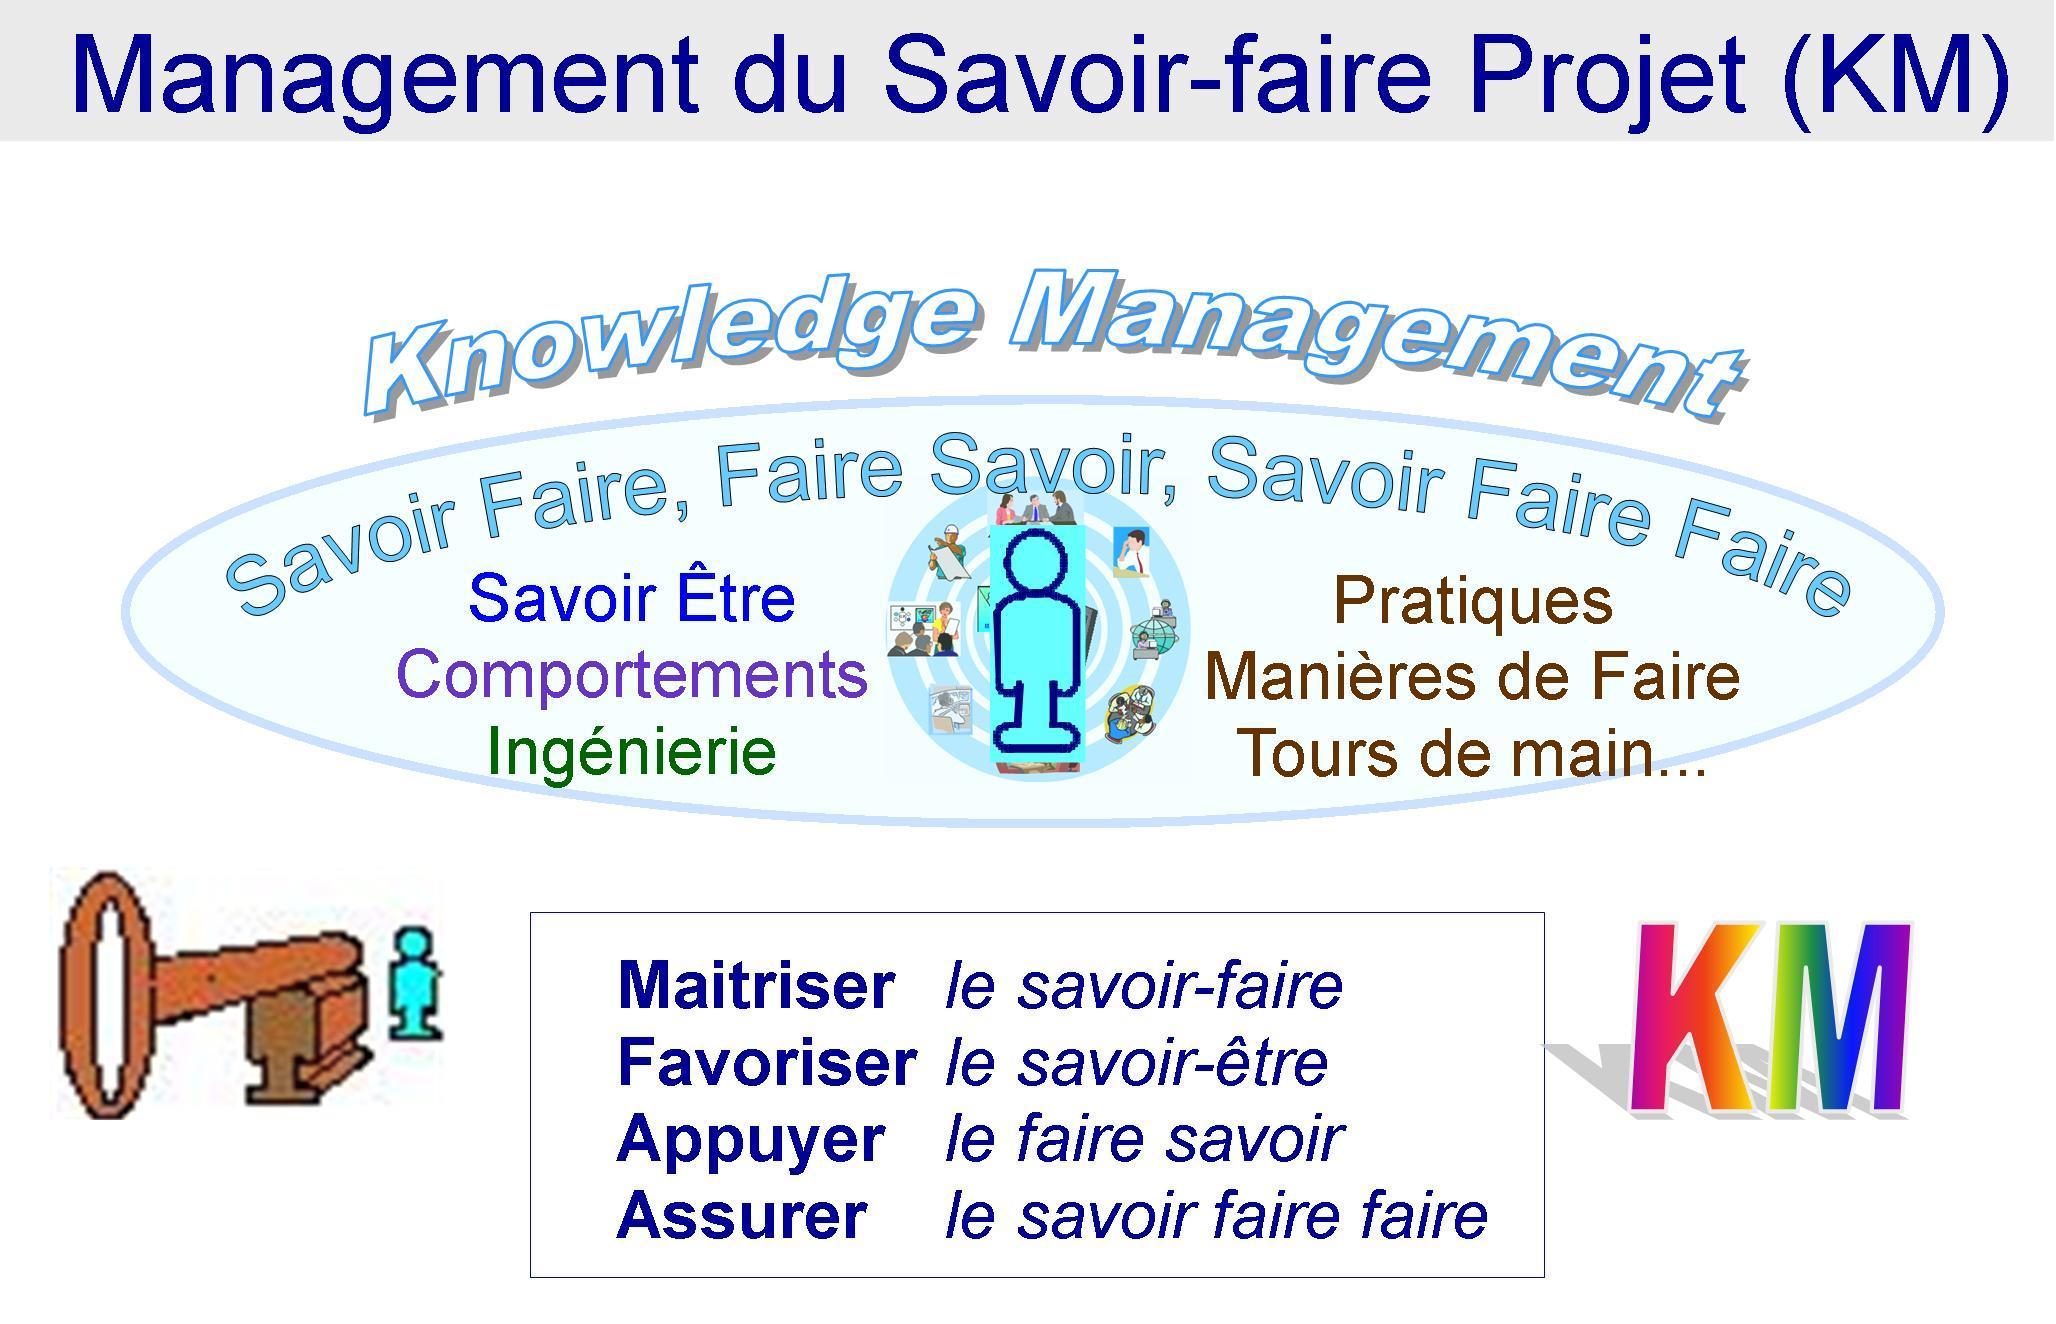 Management du Savoir Faire Projet KMP